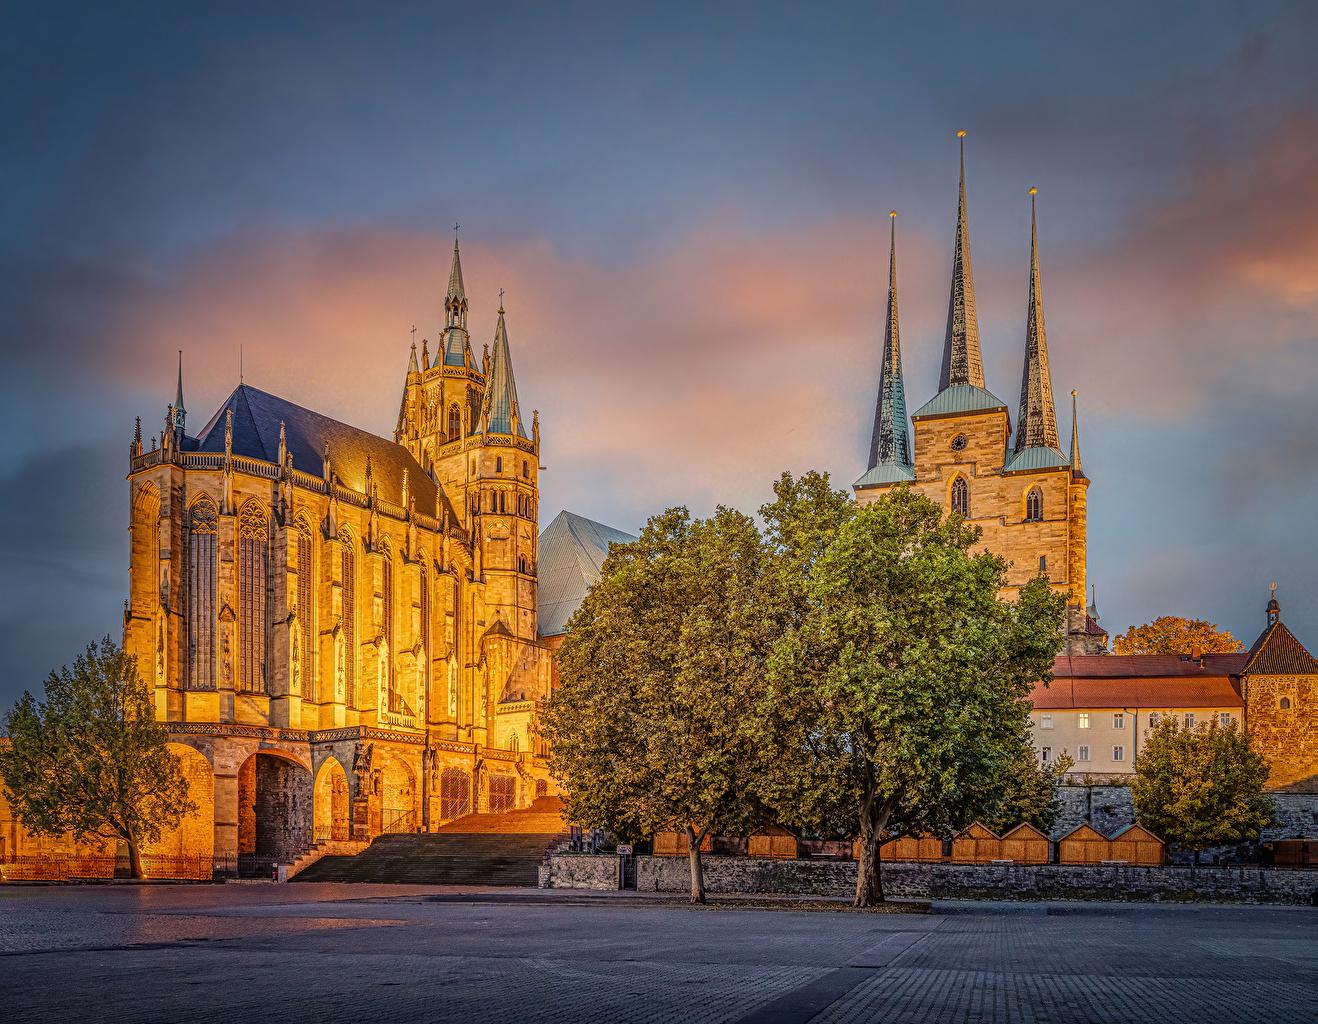 Фото Церковь Собор Германия Erfurt Cathedral Храмы Вечер Города Деревья храм город дерево дерева деревьев